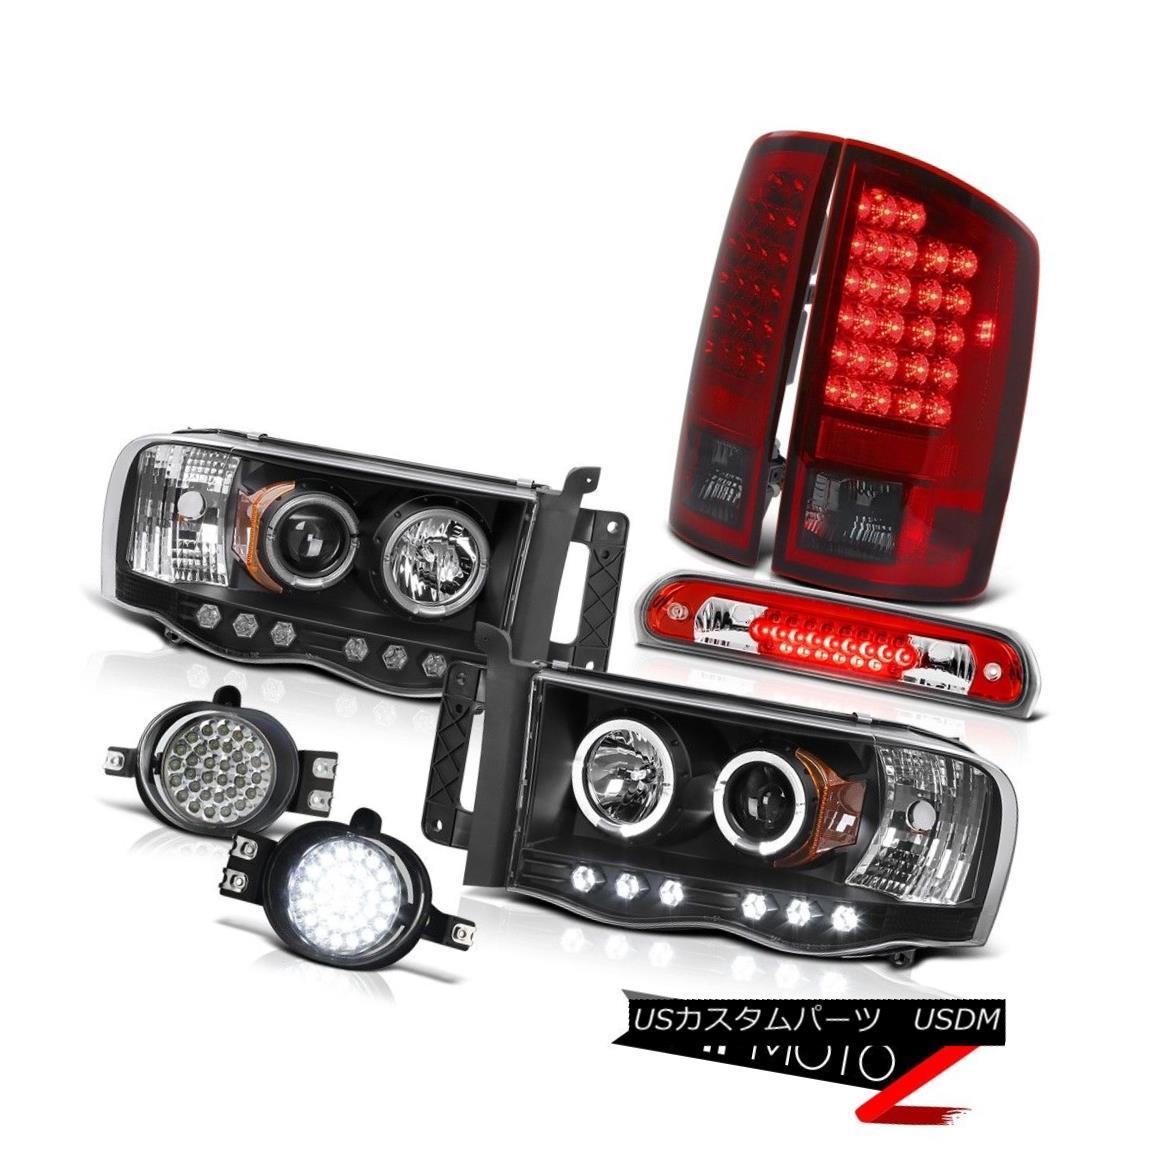 テールライト 2002-2005 Dodge Ram Black LED DRL Headlamps Red Smoke Tail Lights SMD Wine Brake 2002-2005ダッジラムブラックLED DRLヘッドライト赤煙テールライトSMDワインブレーキ